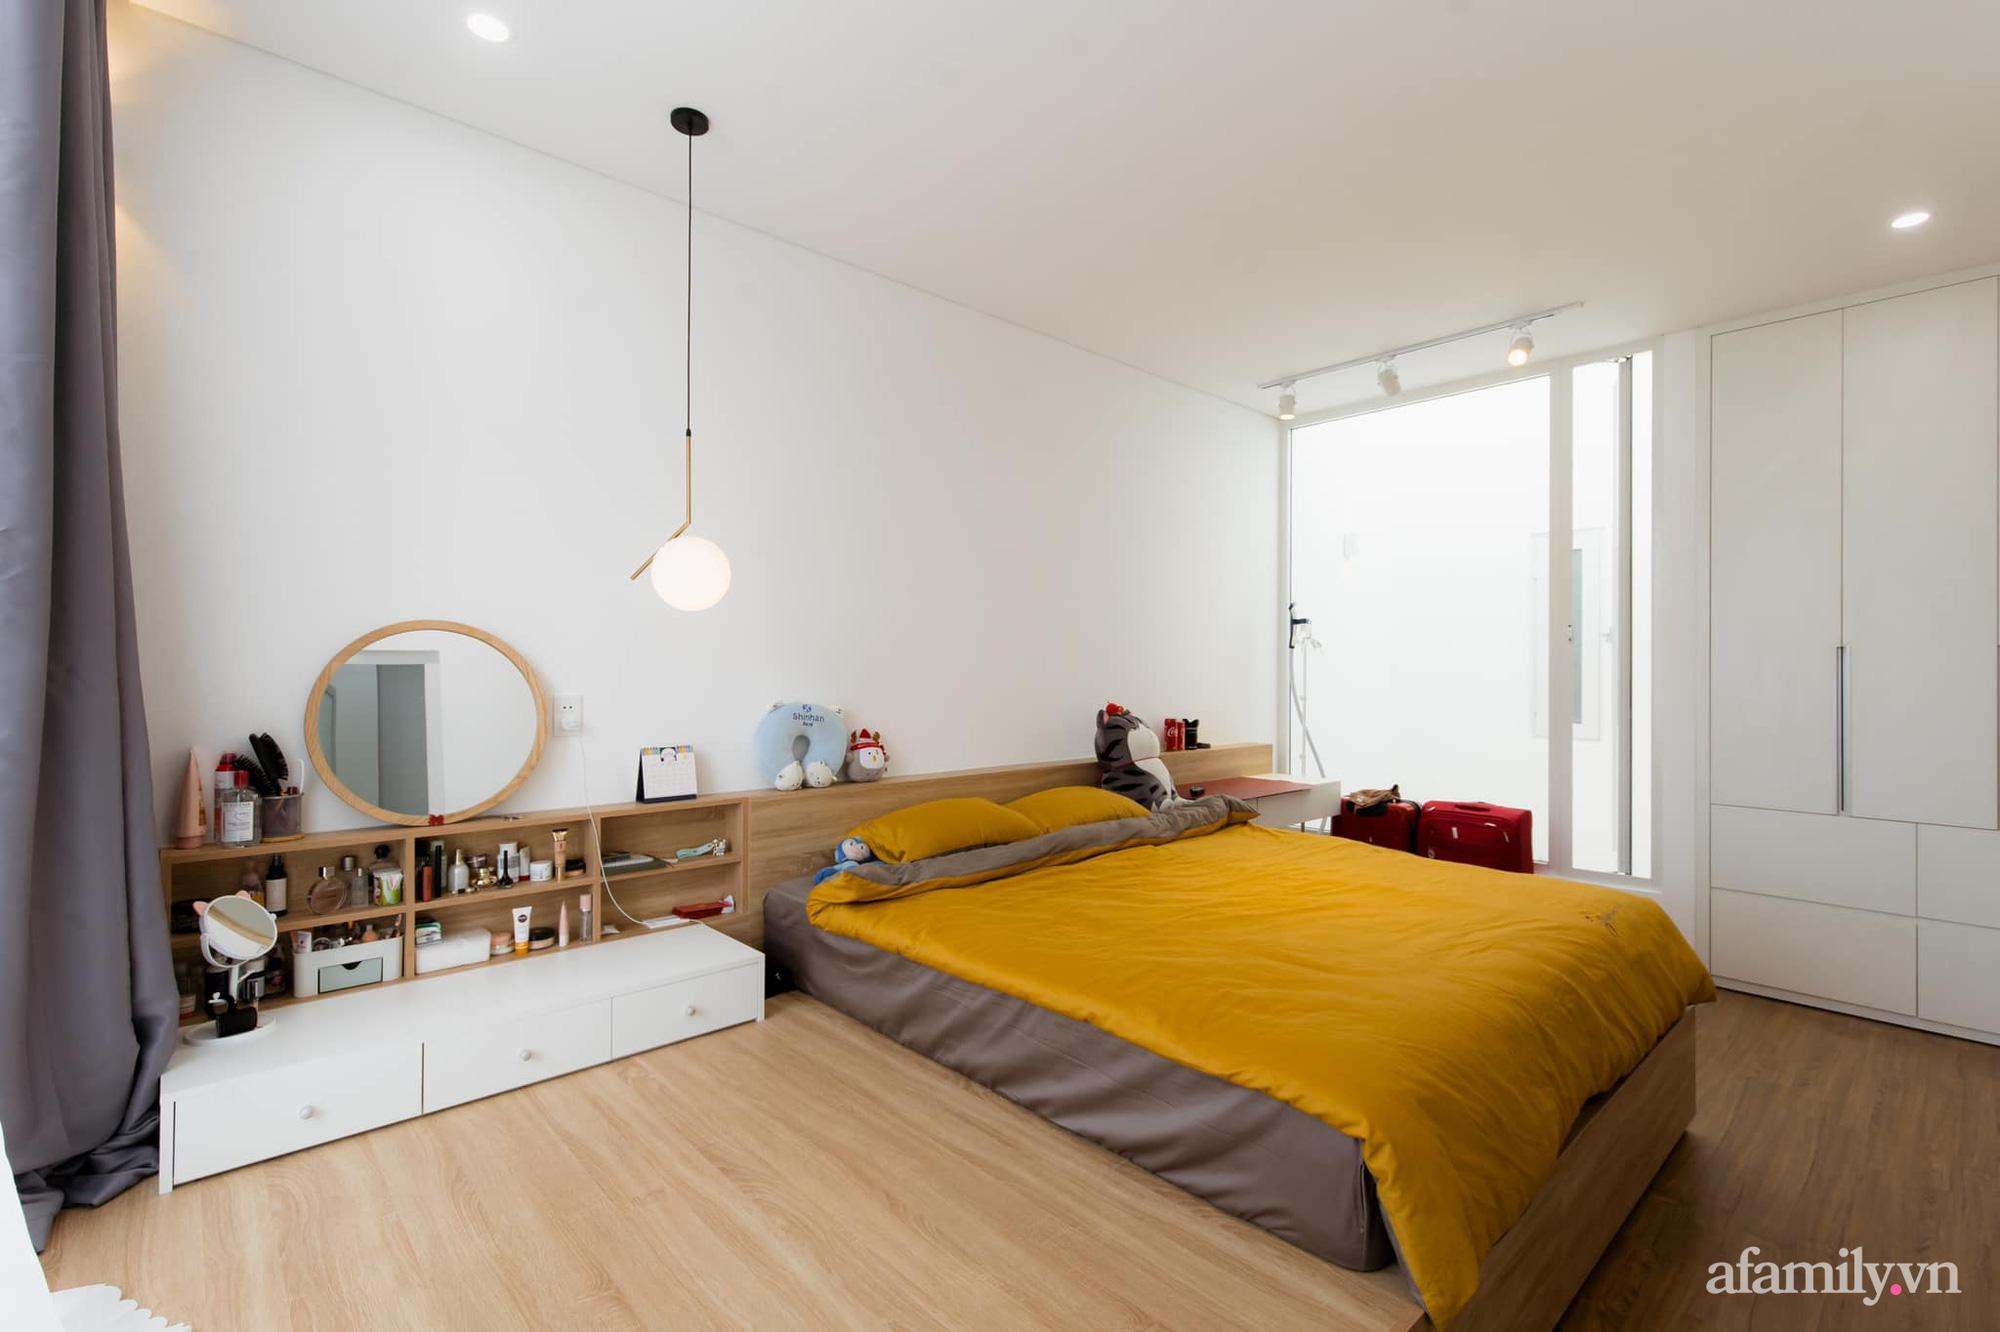 Căn nhà phố màu trắng gọn xinh ấm cúng của cặp vợ chồng trẻ Đà Nẵng có chi phí hoàn thiện 1,4 tỷ đồng - Ảnh 18.